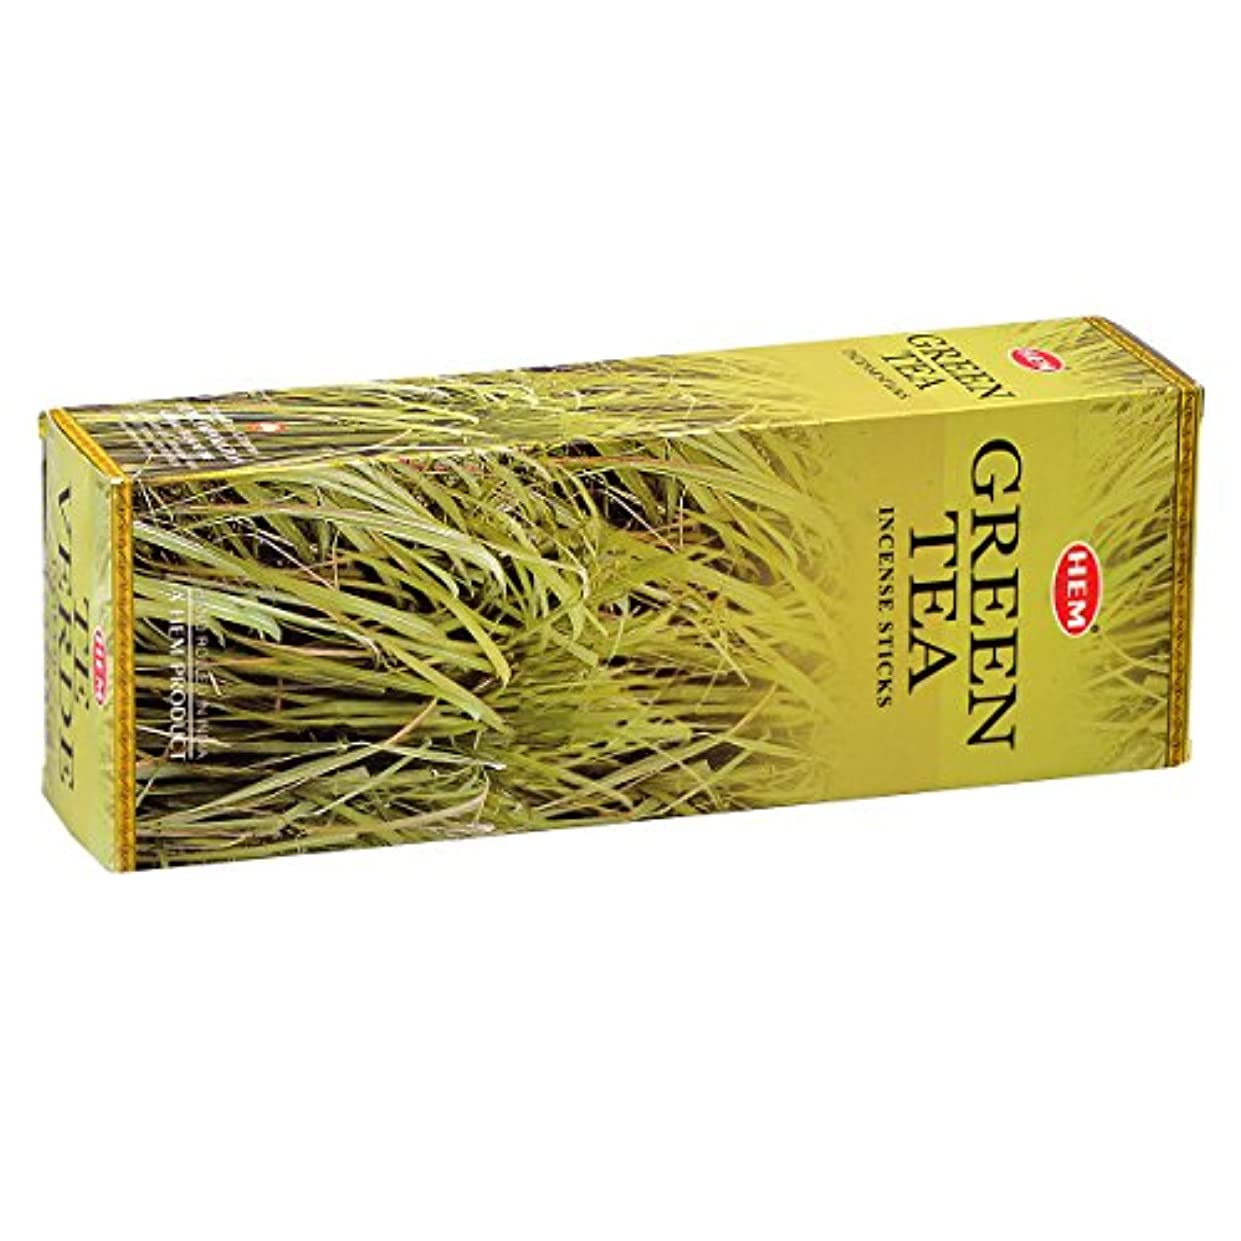 学部落胆するイブニングHEM(ヘム) グリーン ティー GREEN TEA スティックタイプ お香 6筒 セット [並行輸入品]